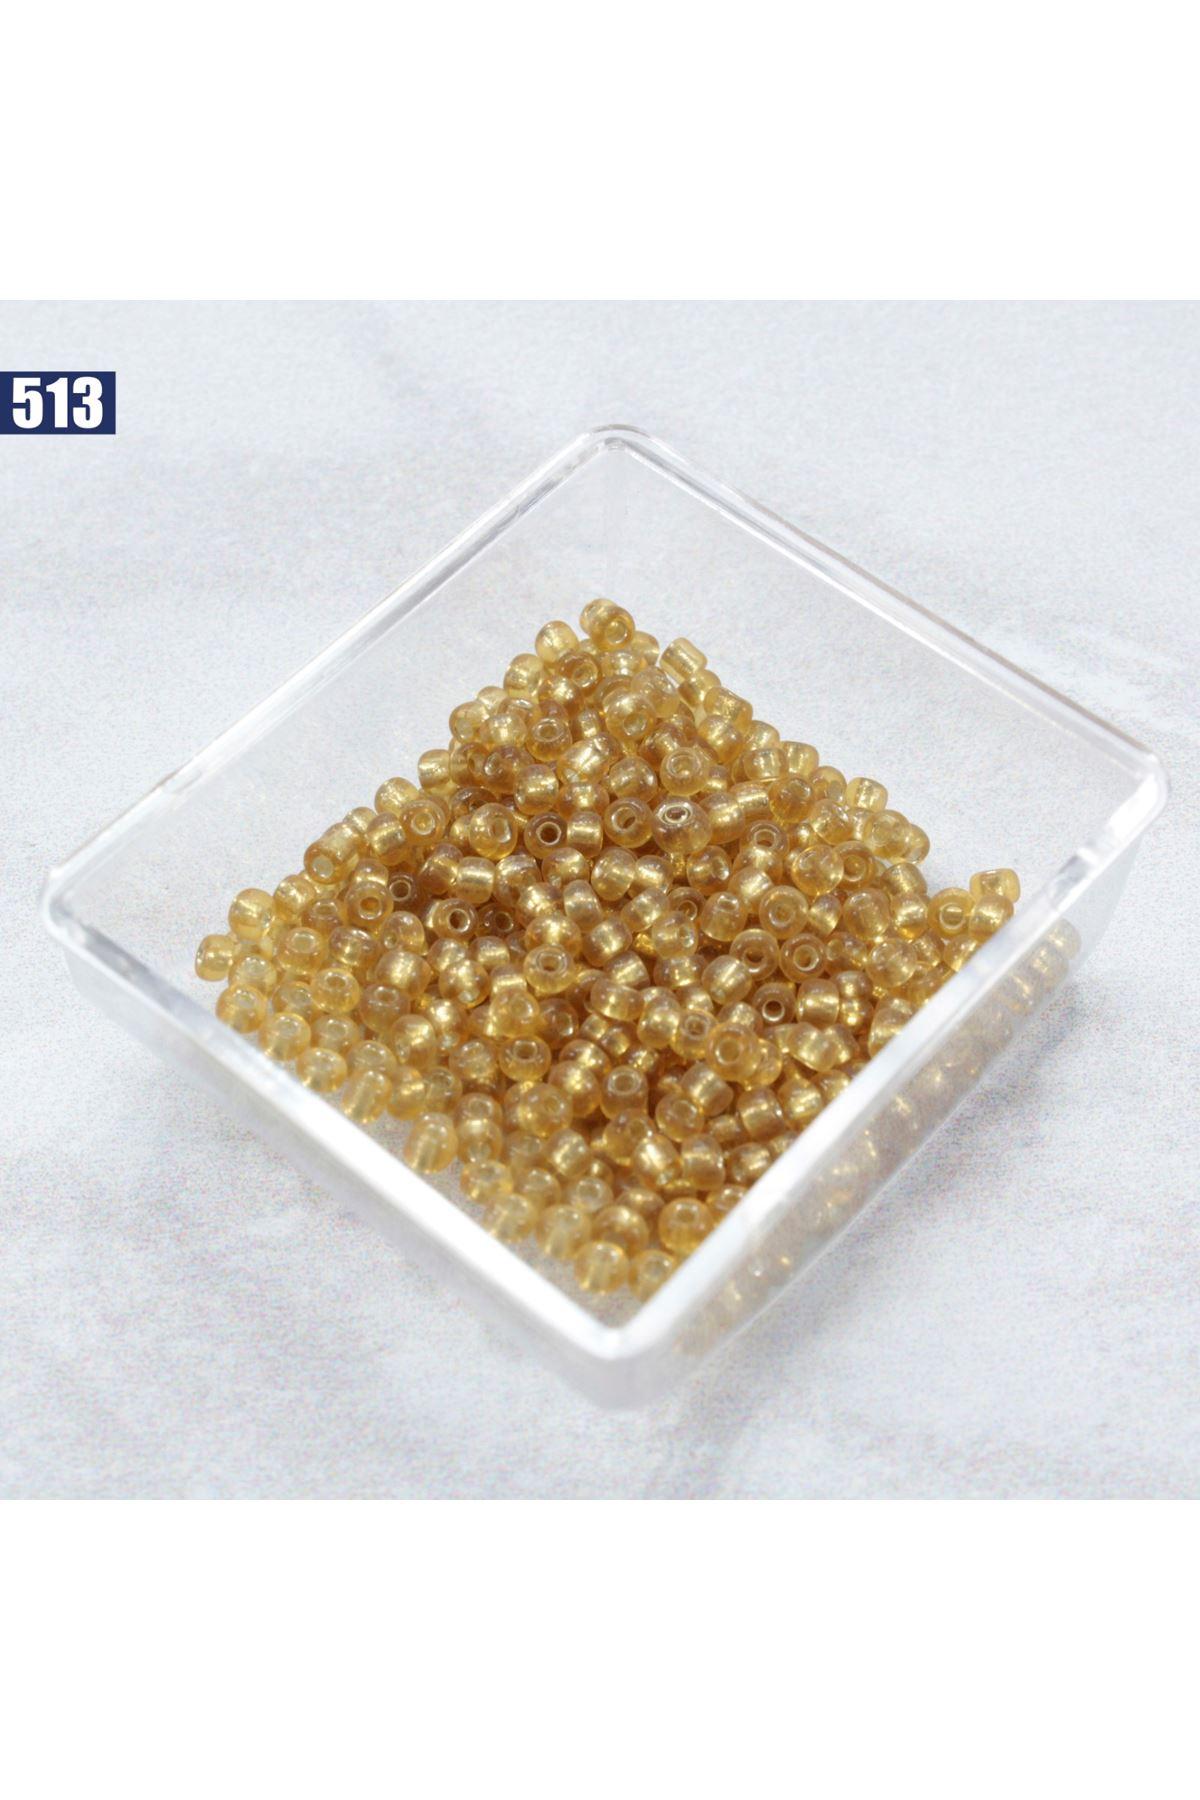 Boncuk 10 gram -513